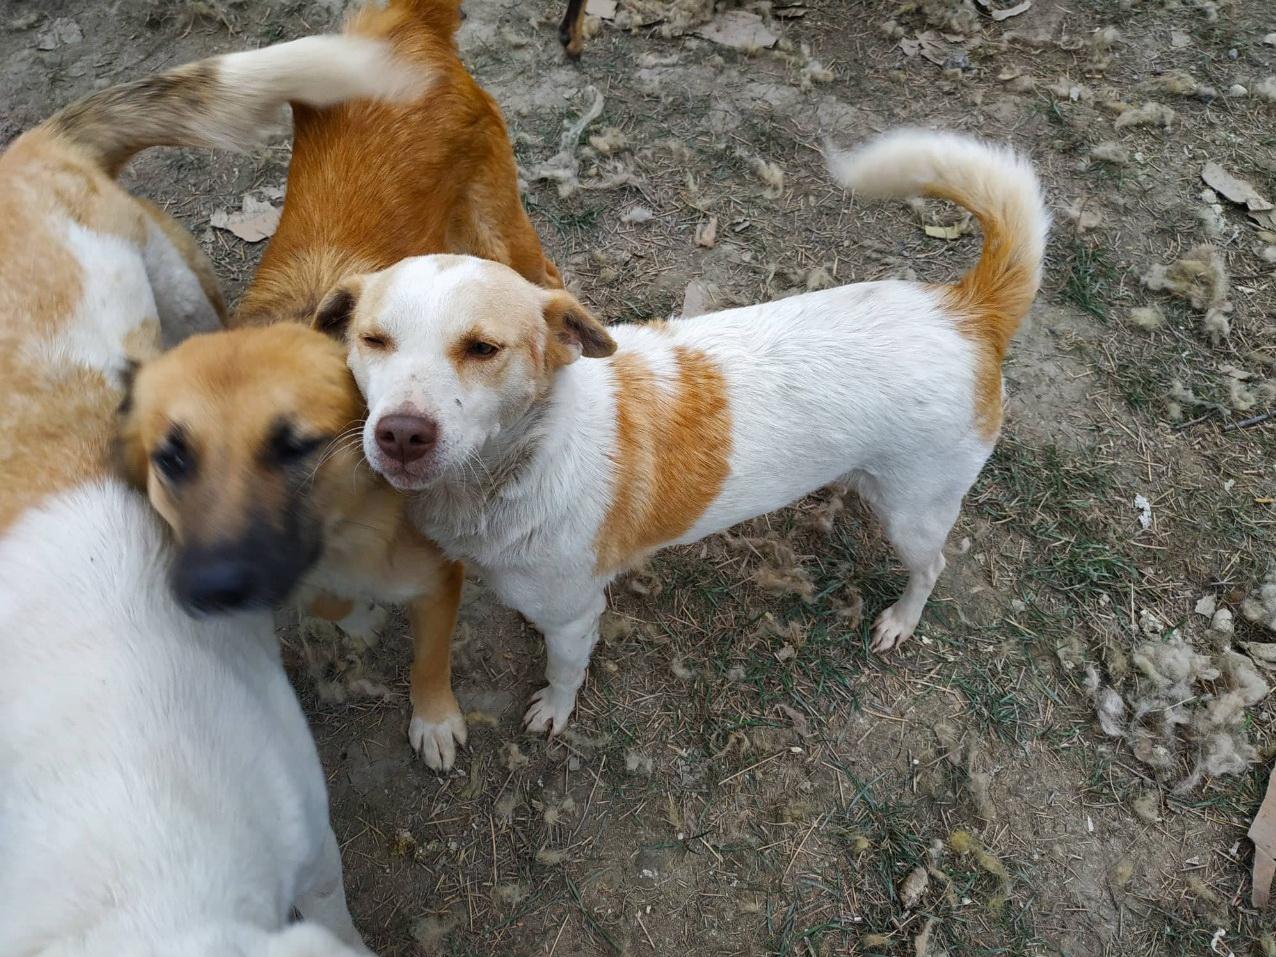 Приют для собак в Хачмазе нуждается в помощи: «Мы кормим собак хлебом, они голодные, среди них есть инвалиды» - ФОТО